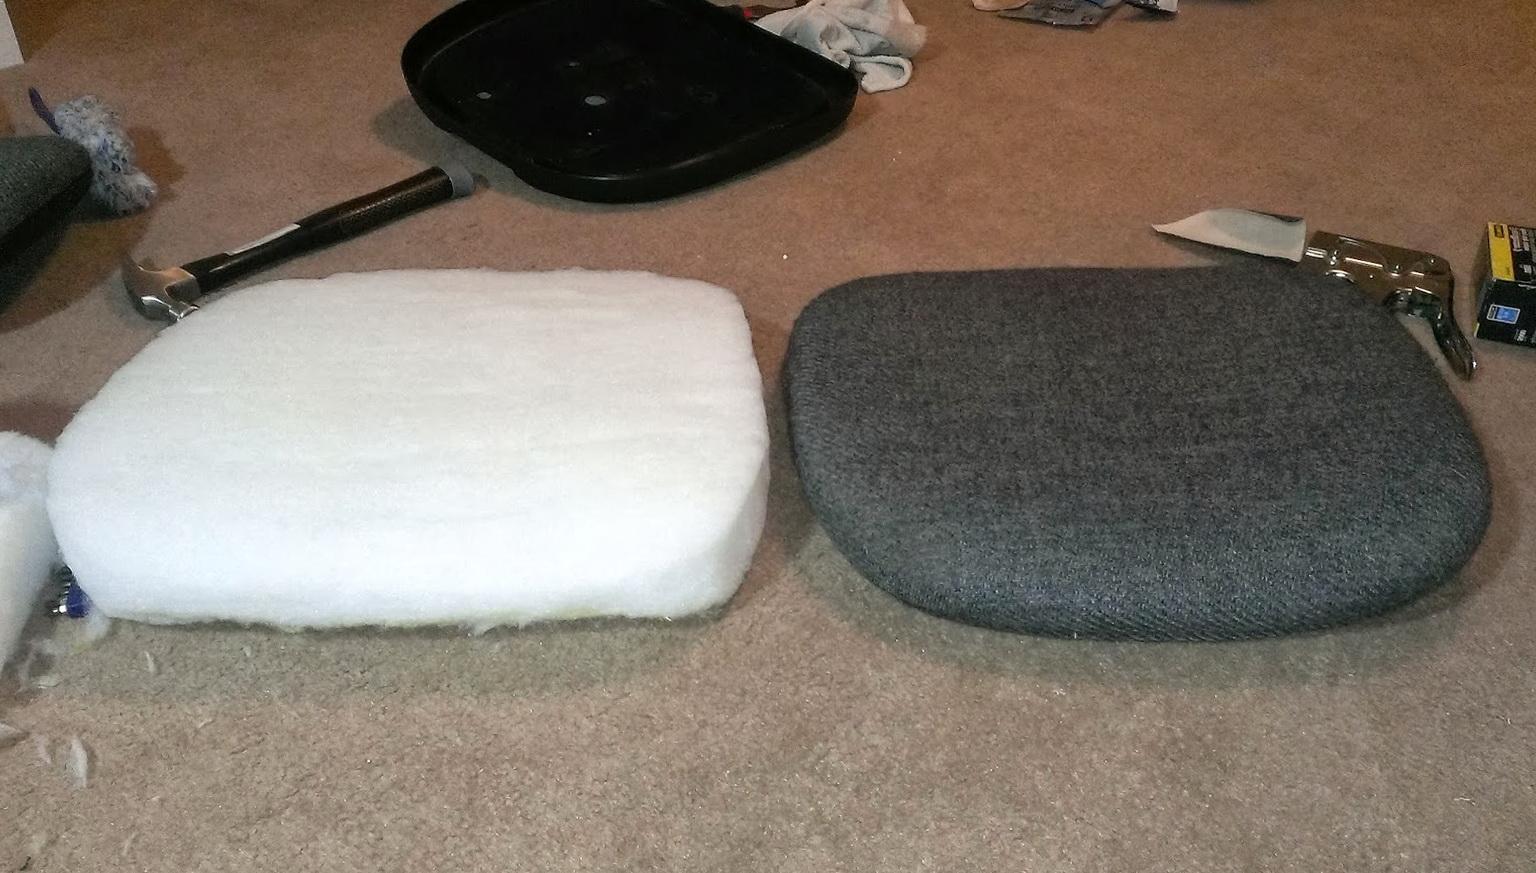 Desk Chair Cushion Staples Home Design Ideas